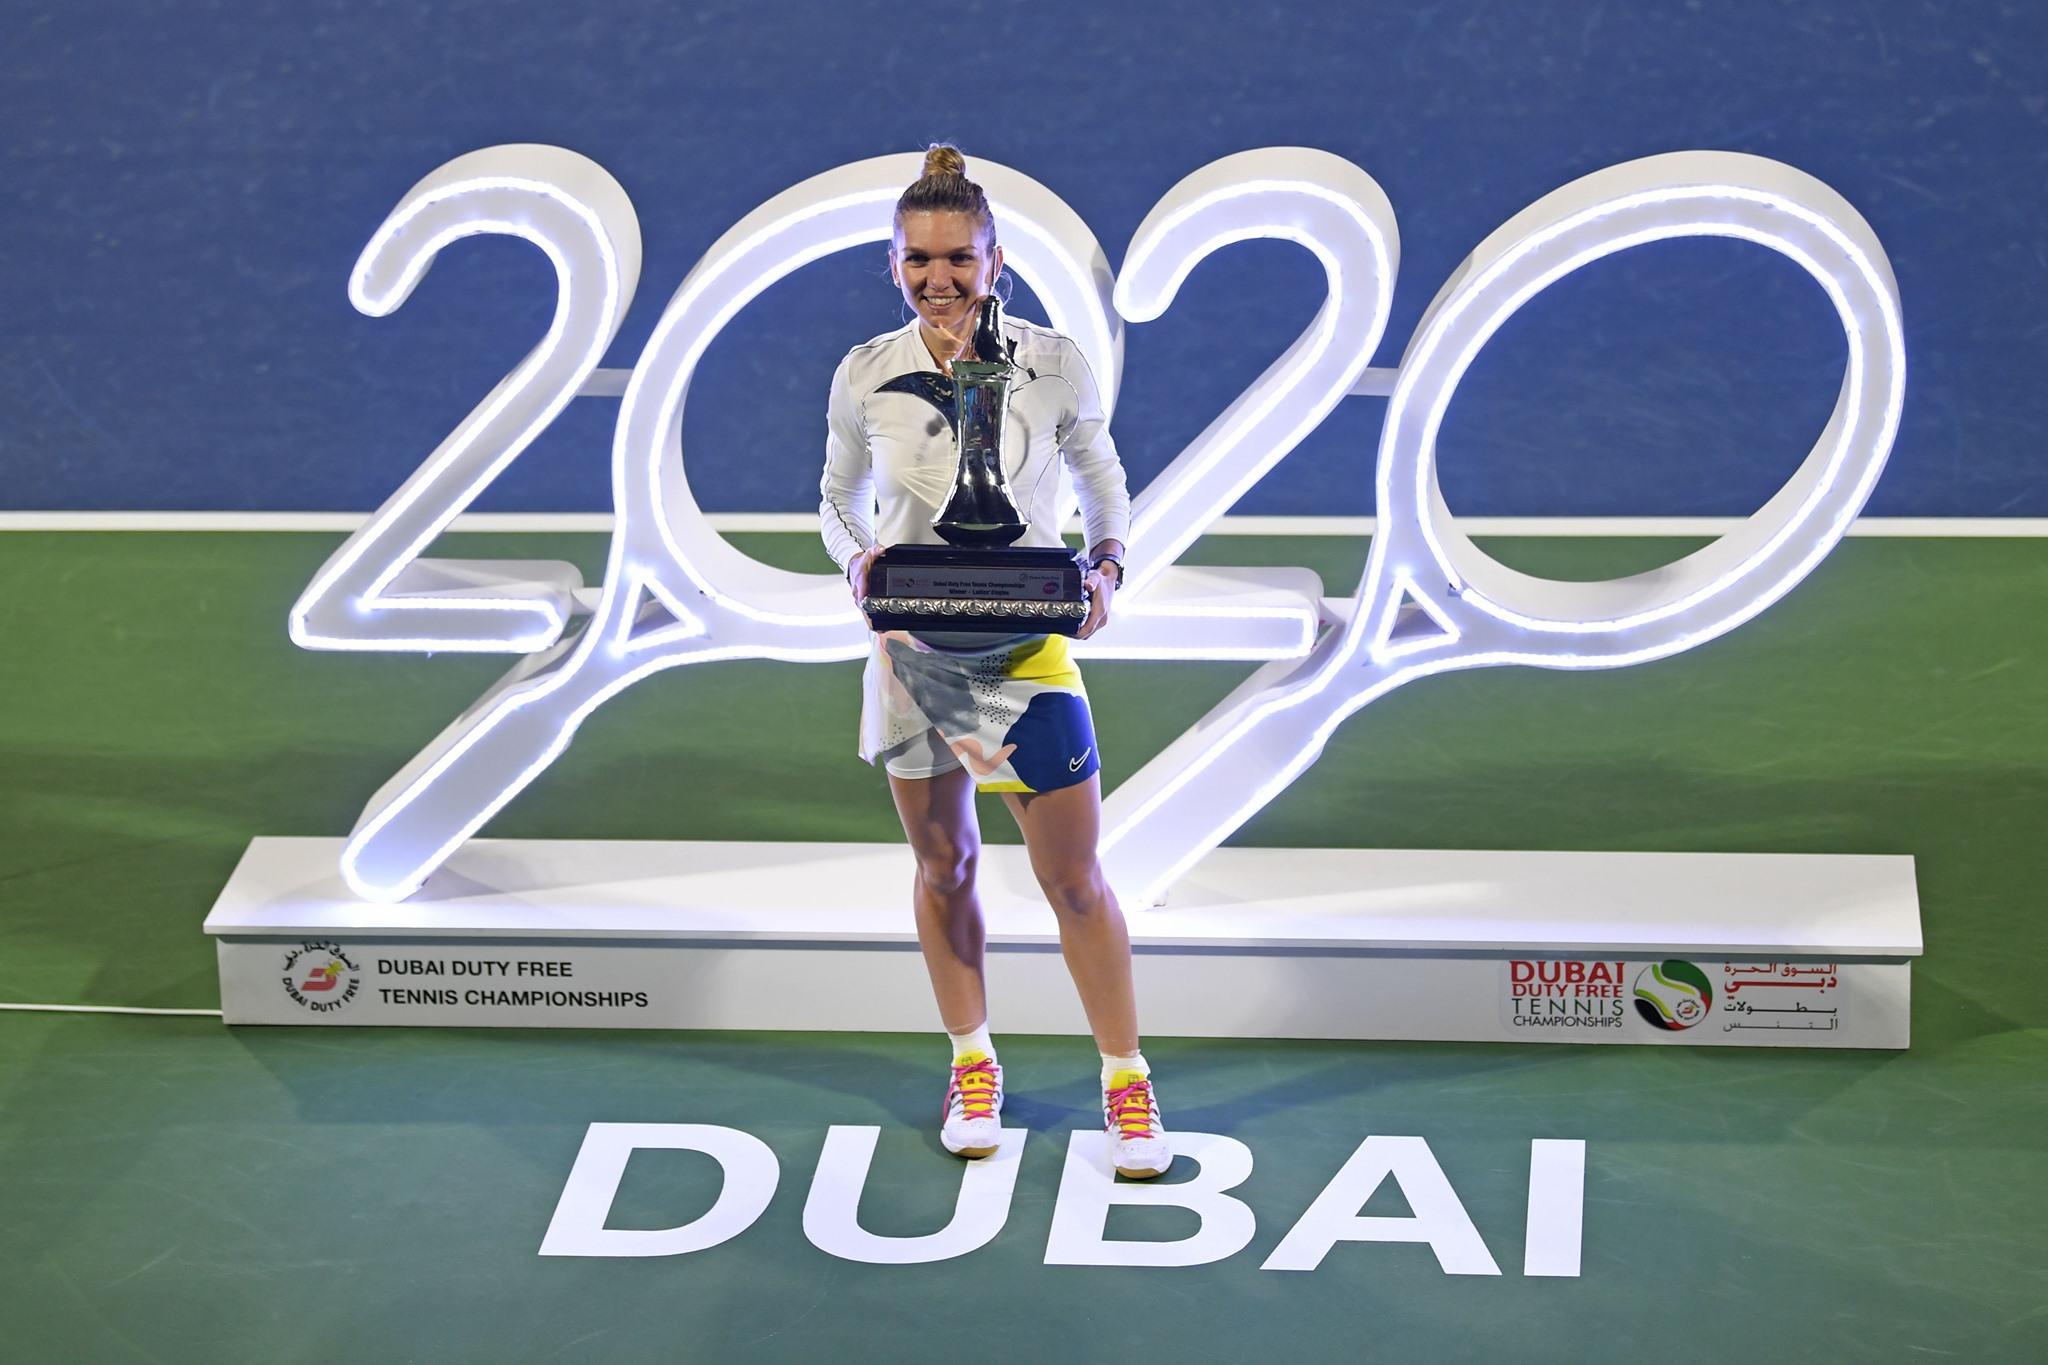 Câți bani a încasat Simona Halep după câștigarea trofeului WTA Dubai